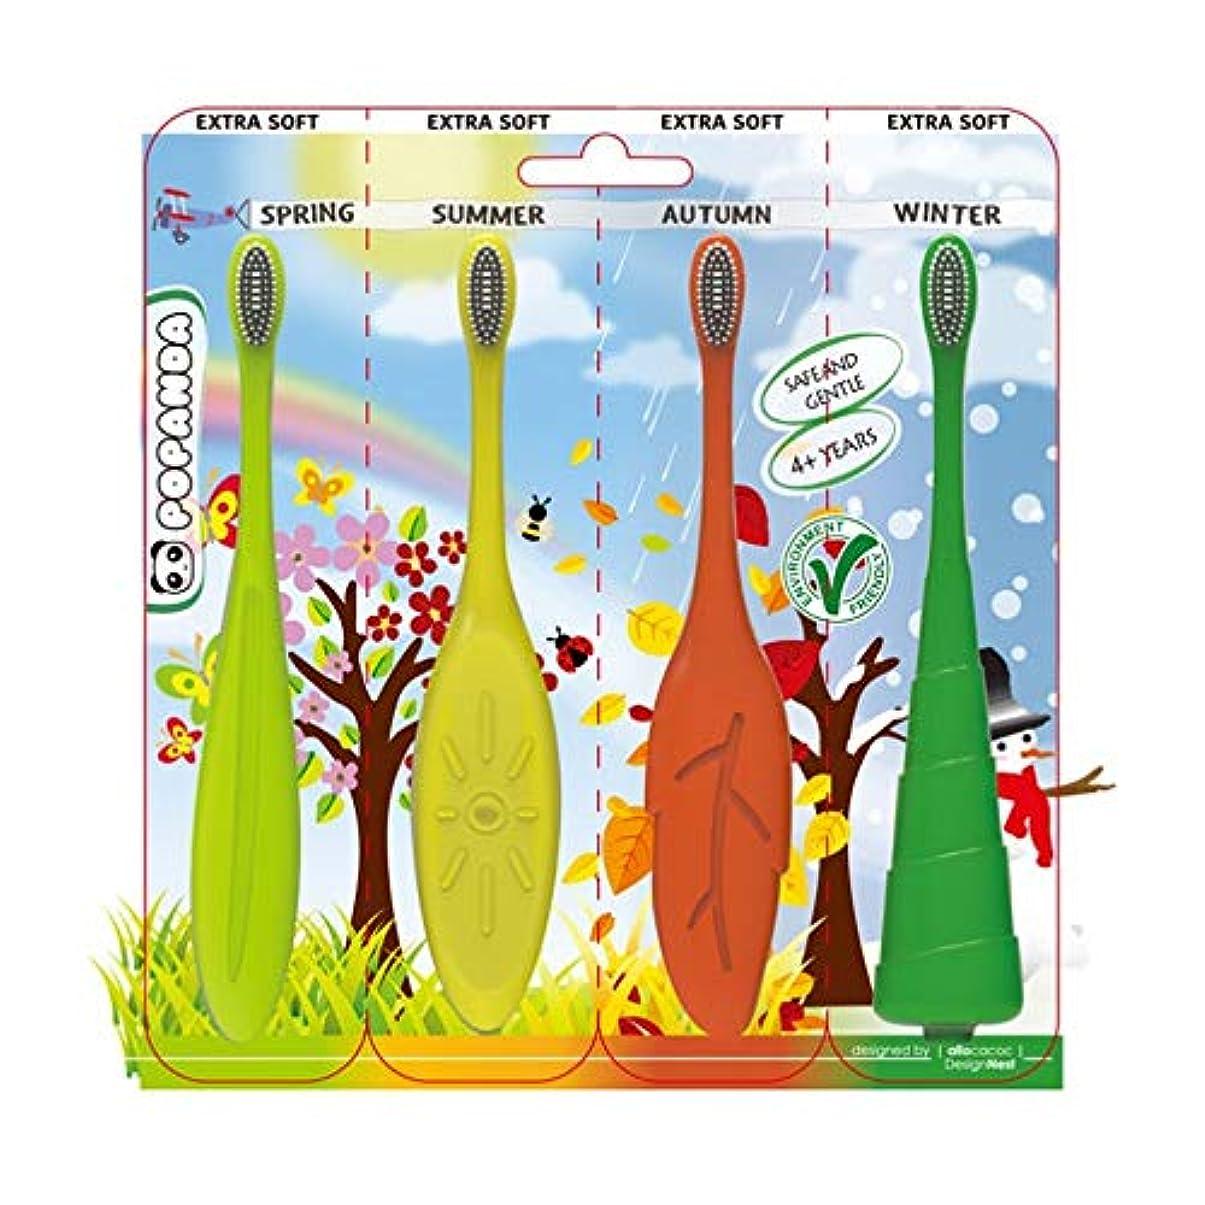 荒涼としたドライブ大破(4個) Baby 幼児 四季 シリコン歯ブラシ Set Baby Kid's Gift Seasonal Silicone Toothbrush 並行輸入